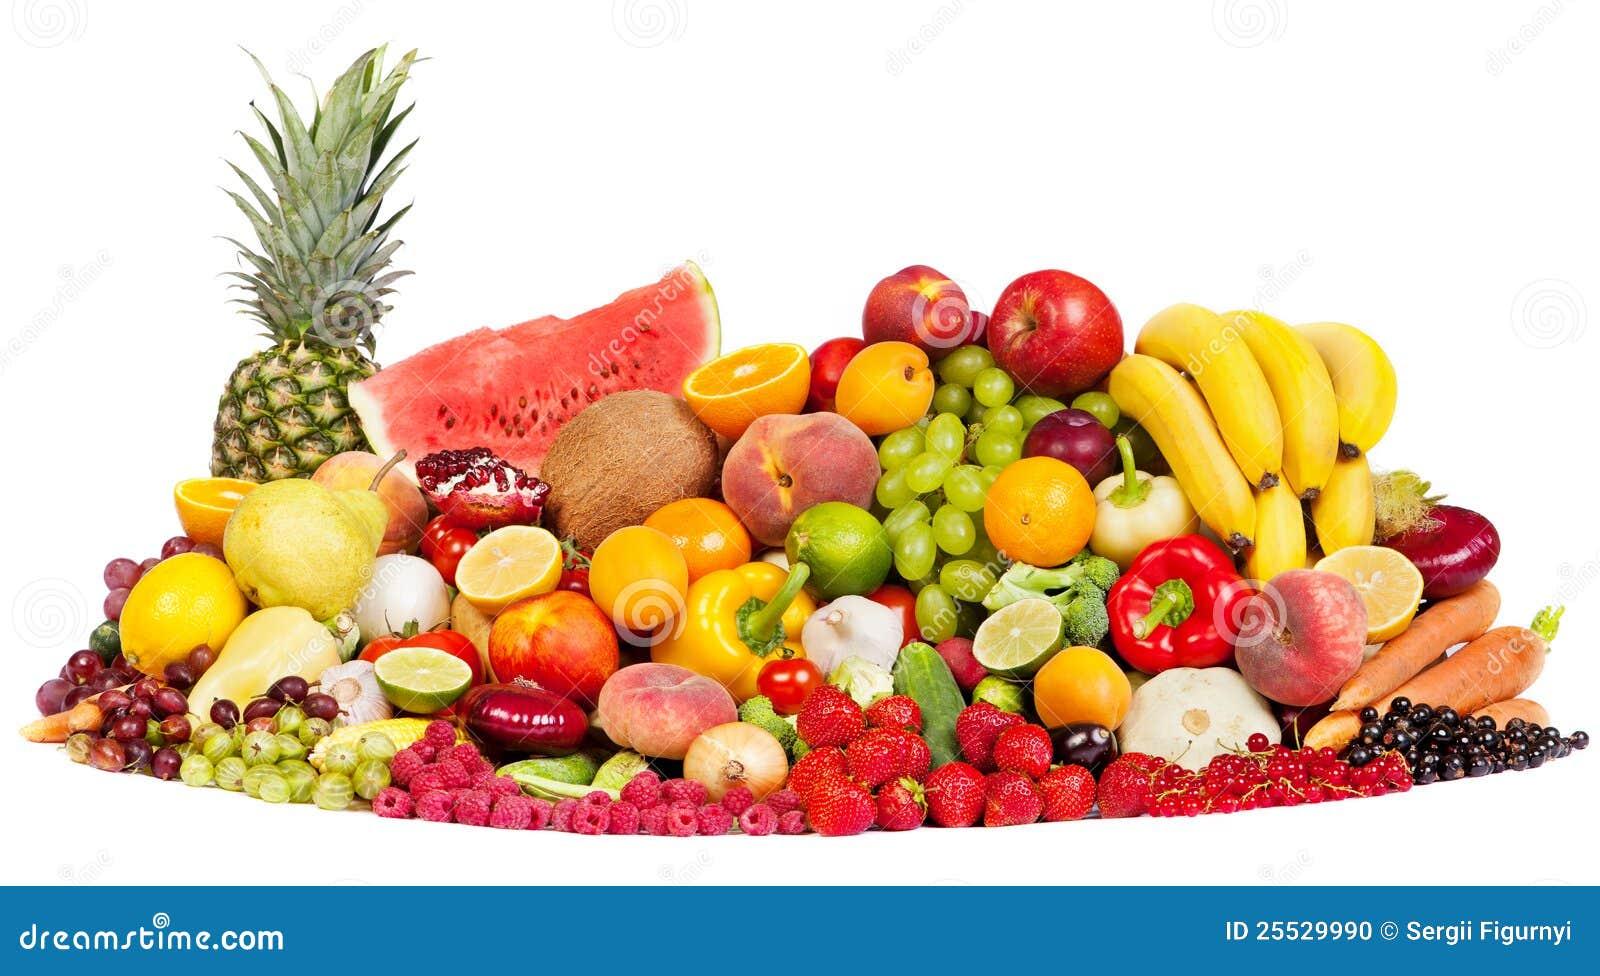 grupo enorme de verduras frescas y de frutas foto de archivo